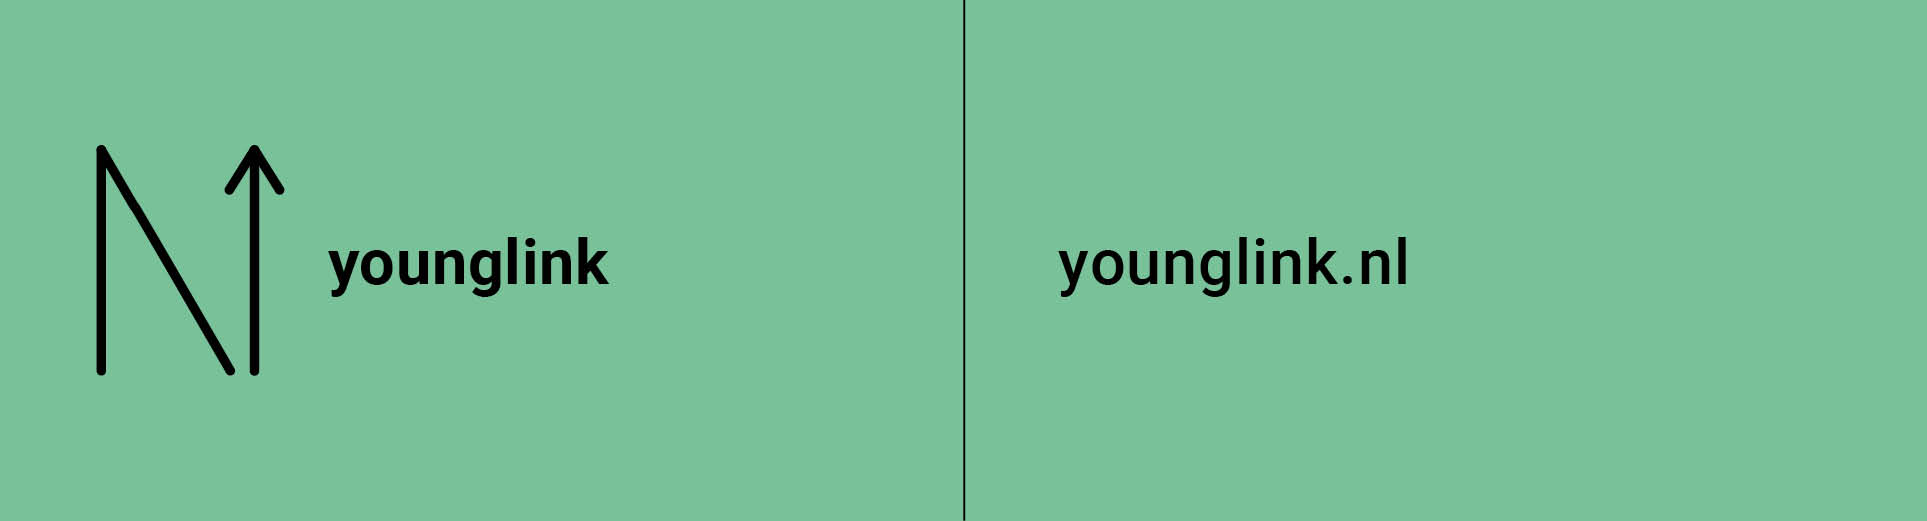 Younglink: Hoe overleef ik mijn ambities?